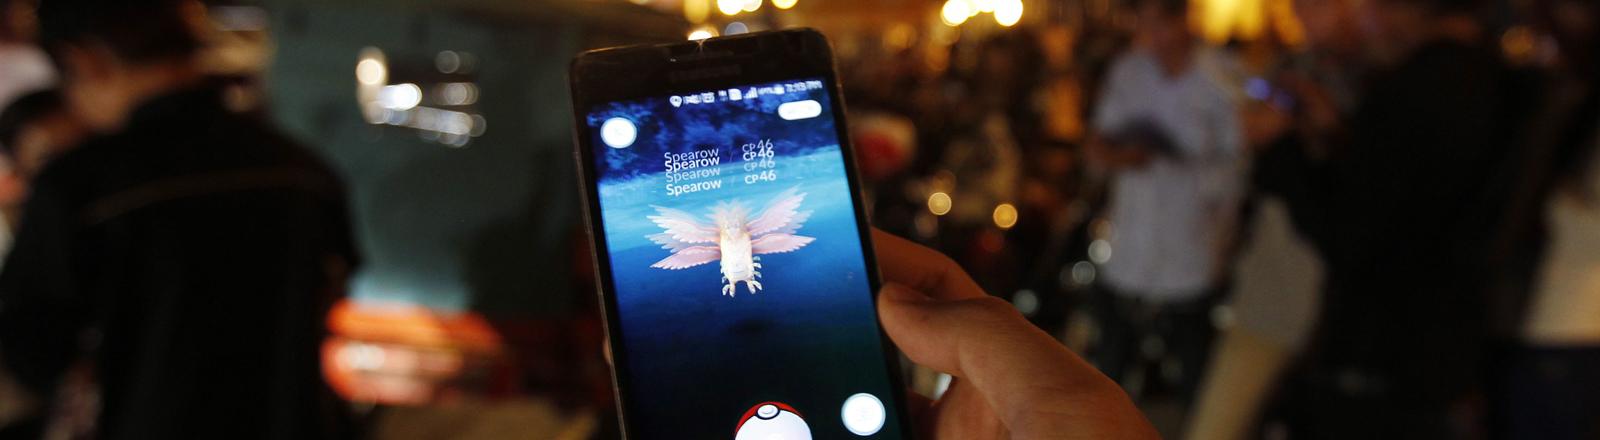 Pokemon Go auf einem Handy